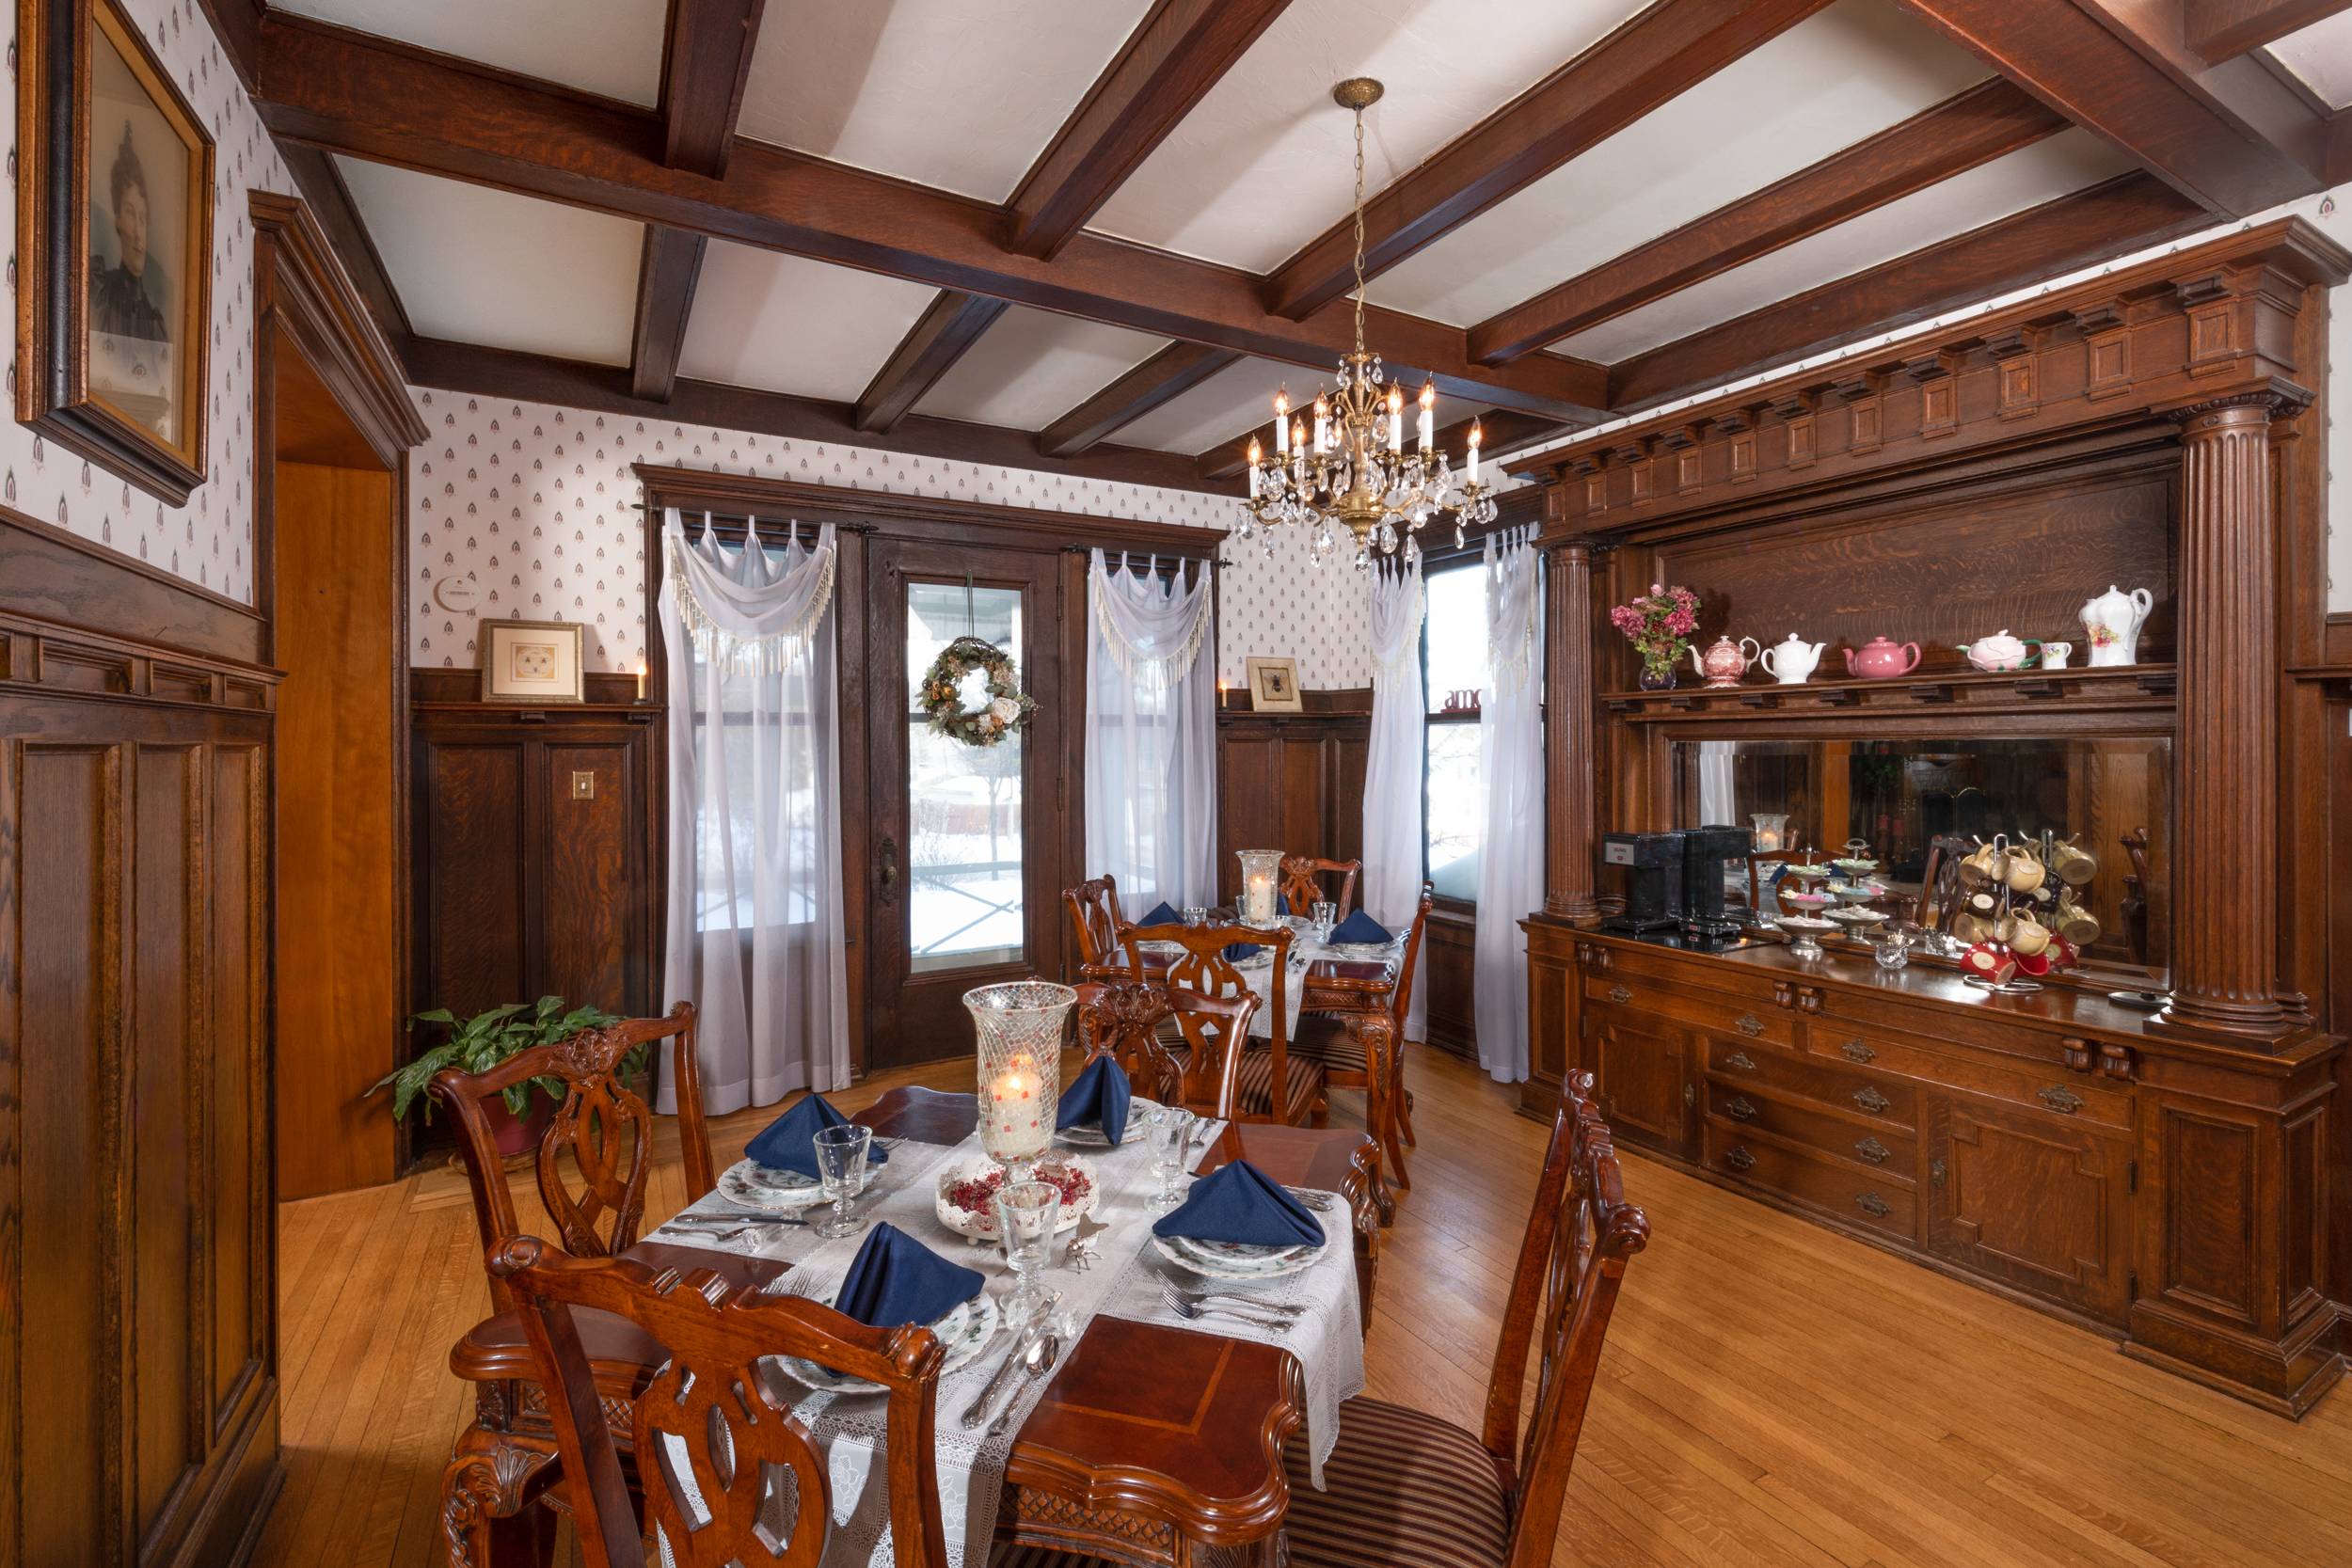 Honeybee inn dining room